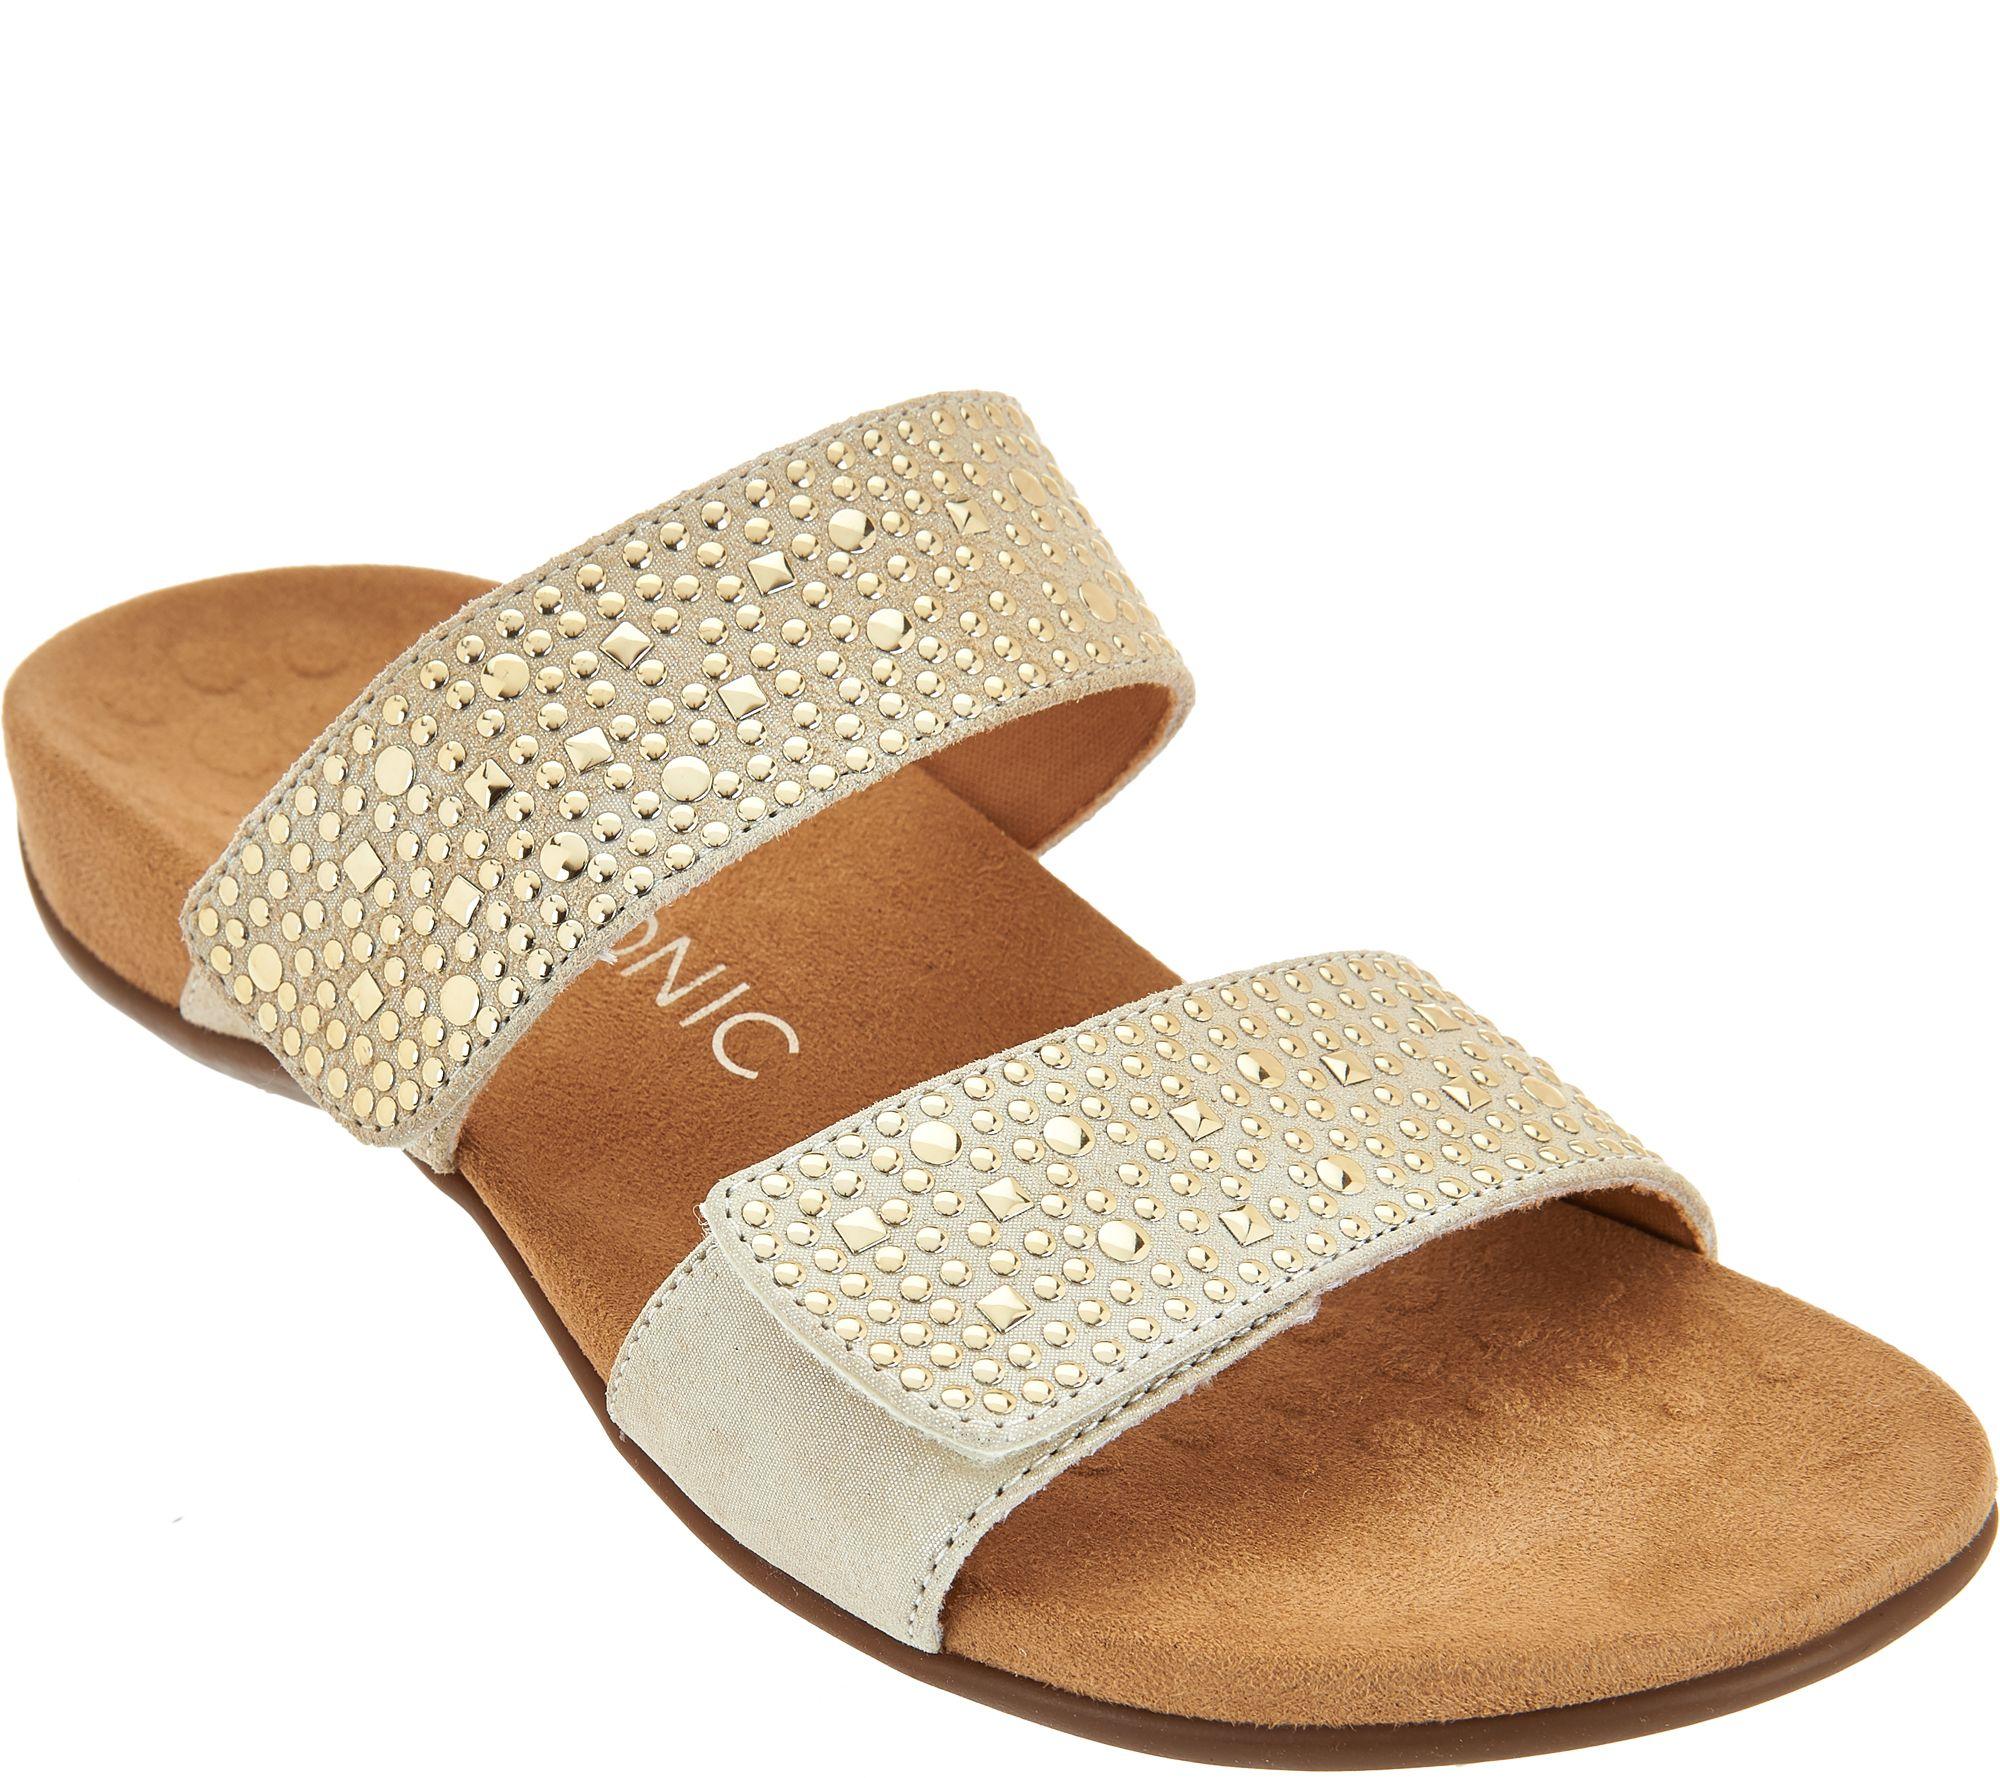 ab9b9cac2c6 Vionic Leather Gored Slide Sandals - Samoa - Page 1 — QVC.com